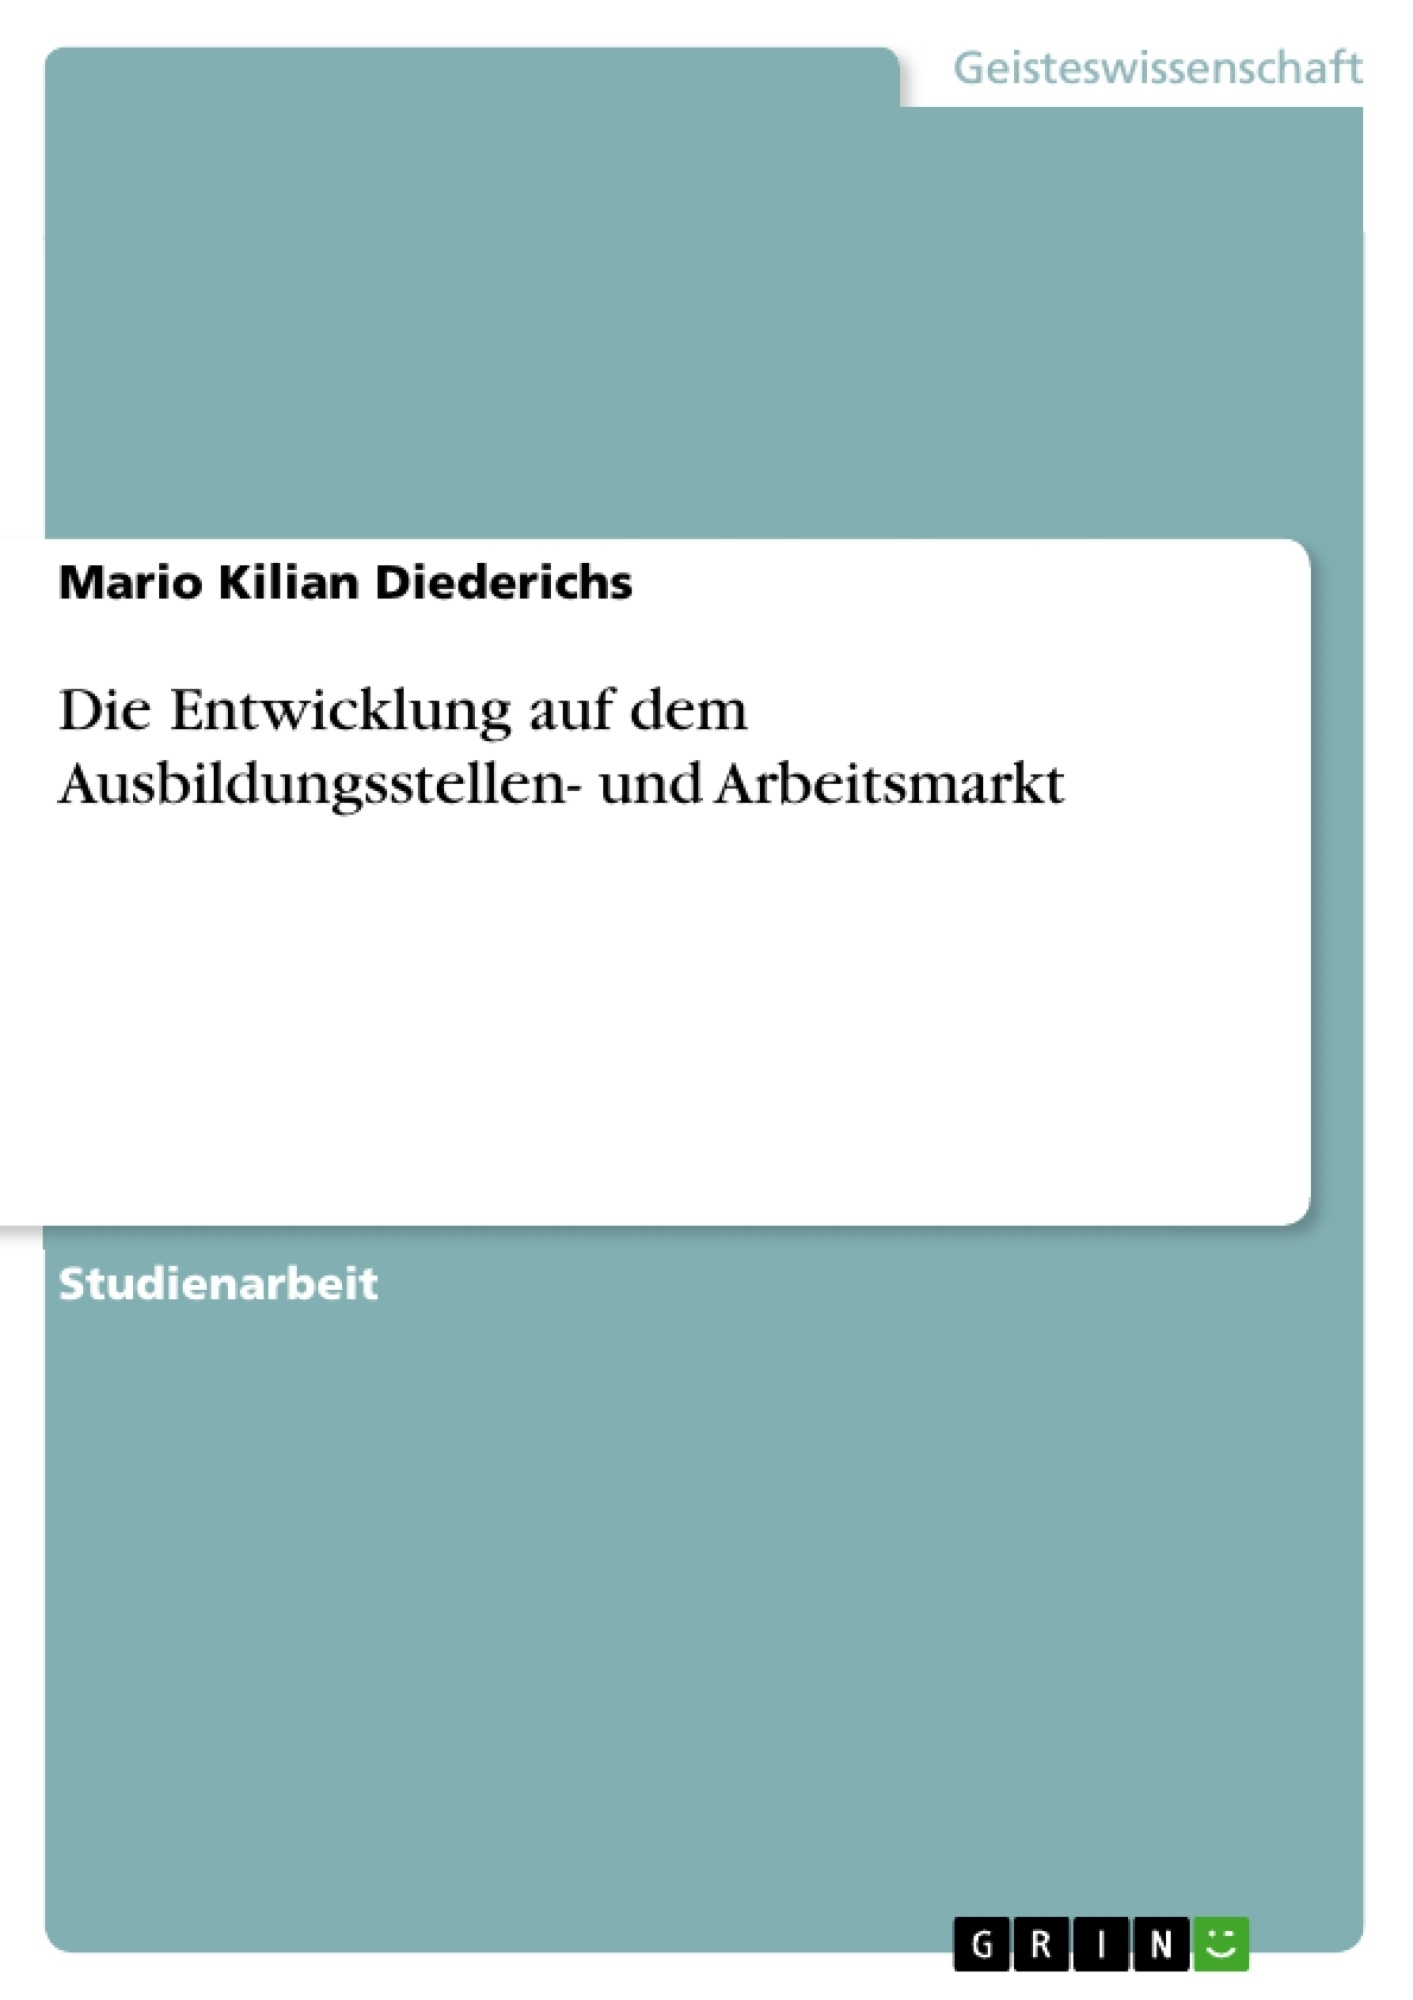 Titre: Die Entwicklung auf dem Ausbildungsstellen- und Arbeitsmarkt